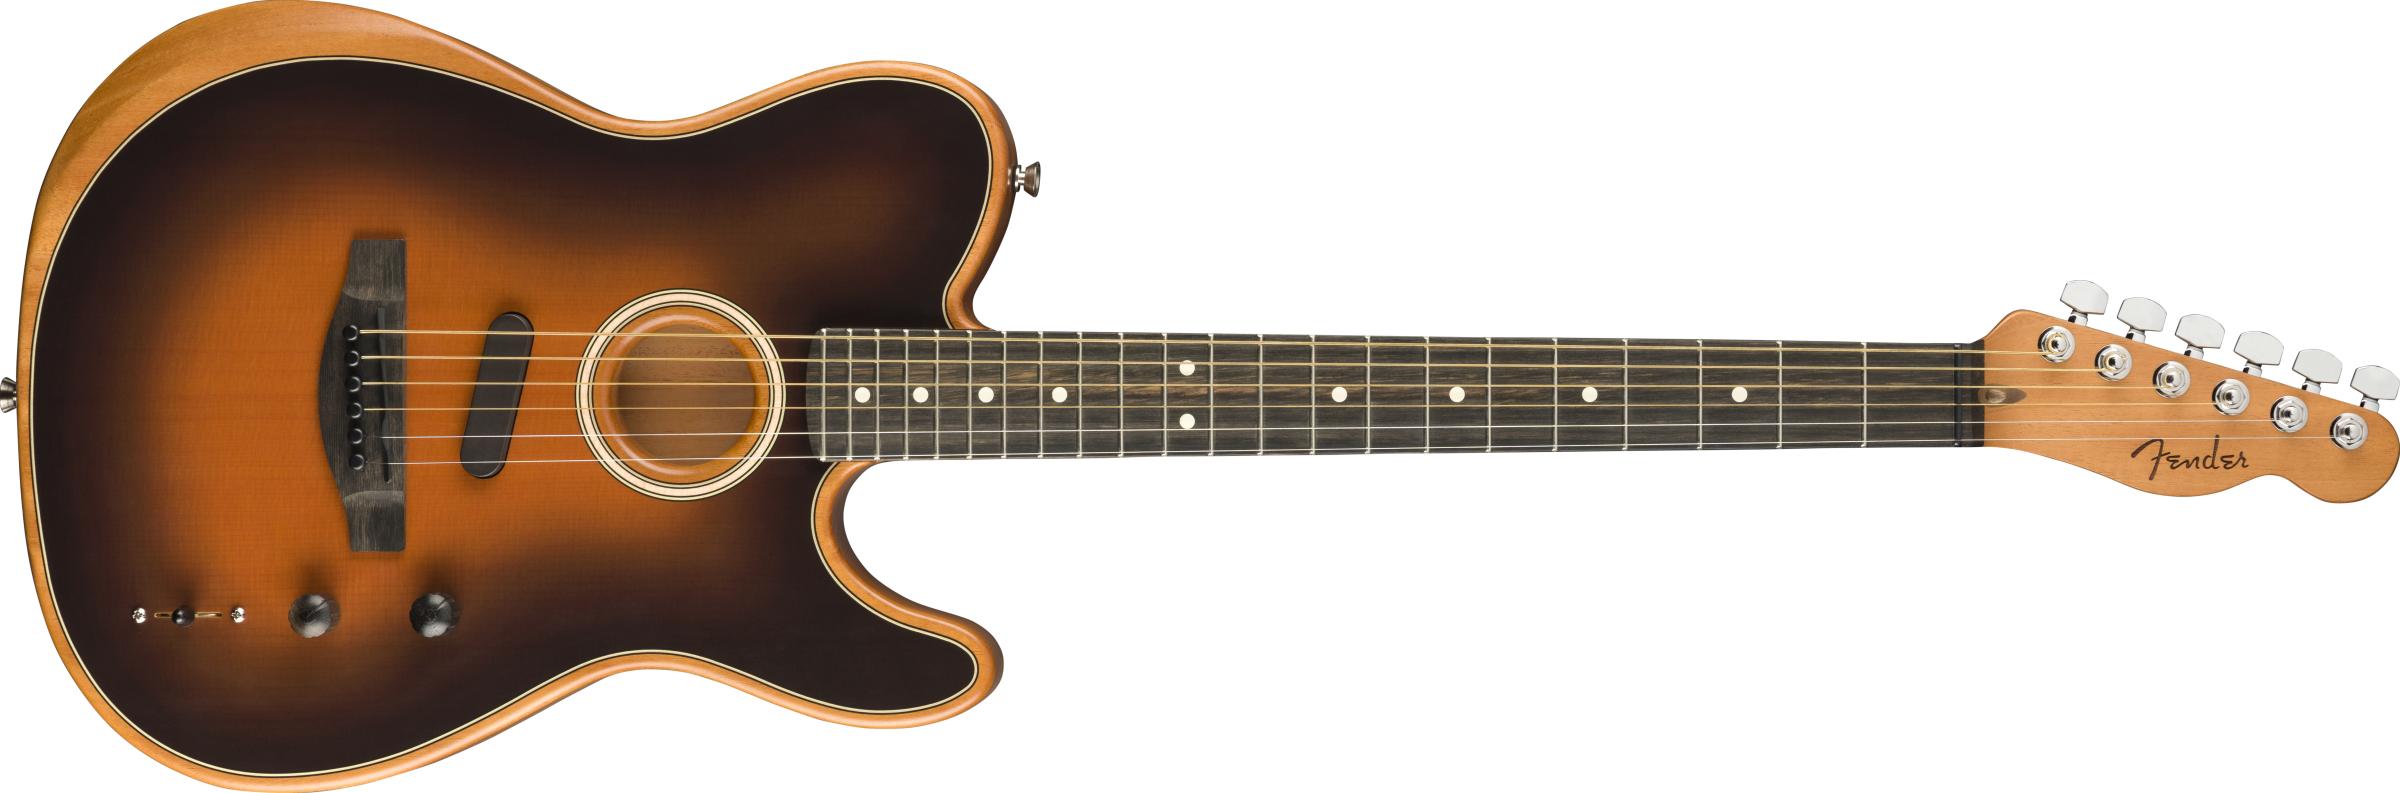 RYDDESALG   Fender American Acoustasonic® Telecaster®, Ebony Fingerboard, Sunburst